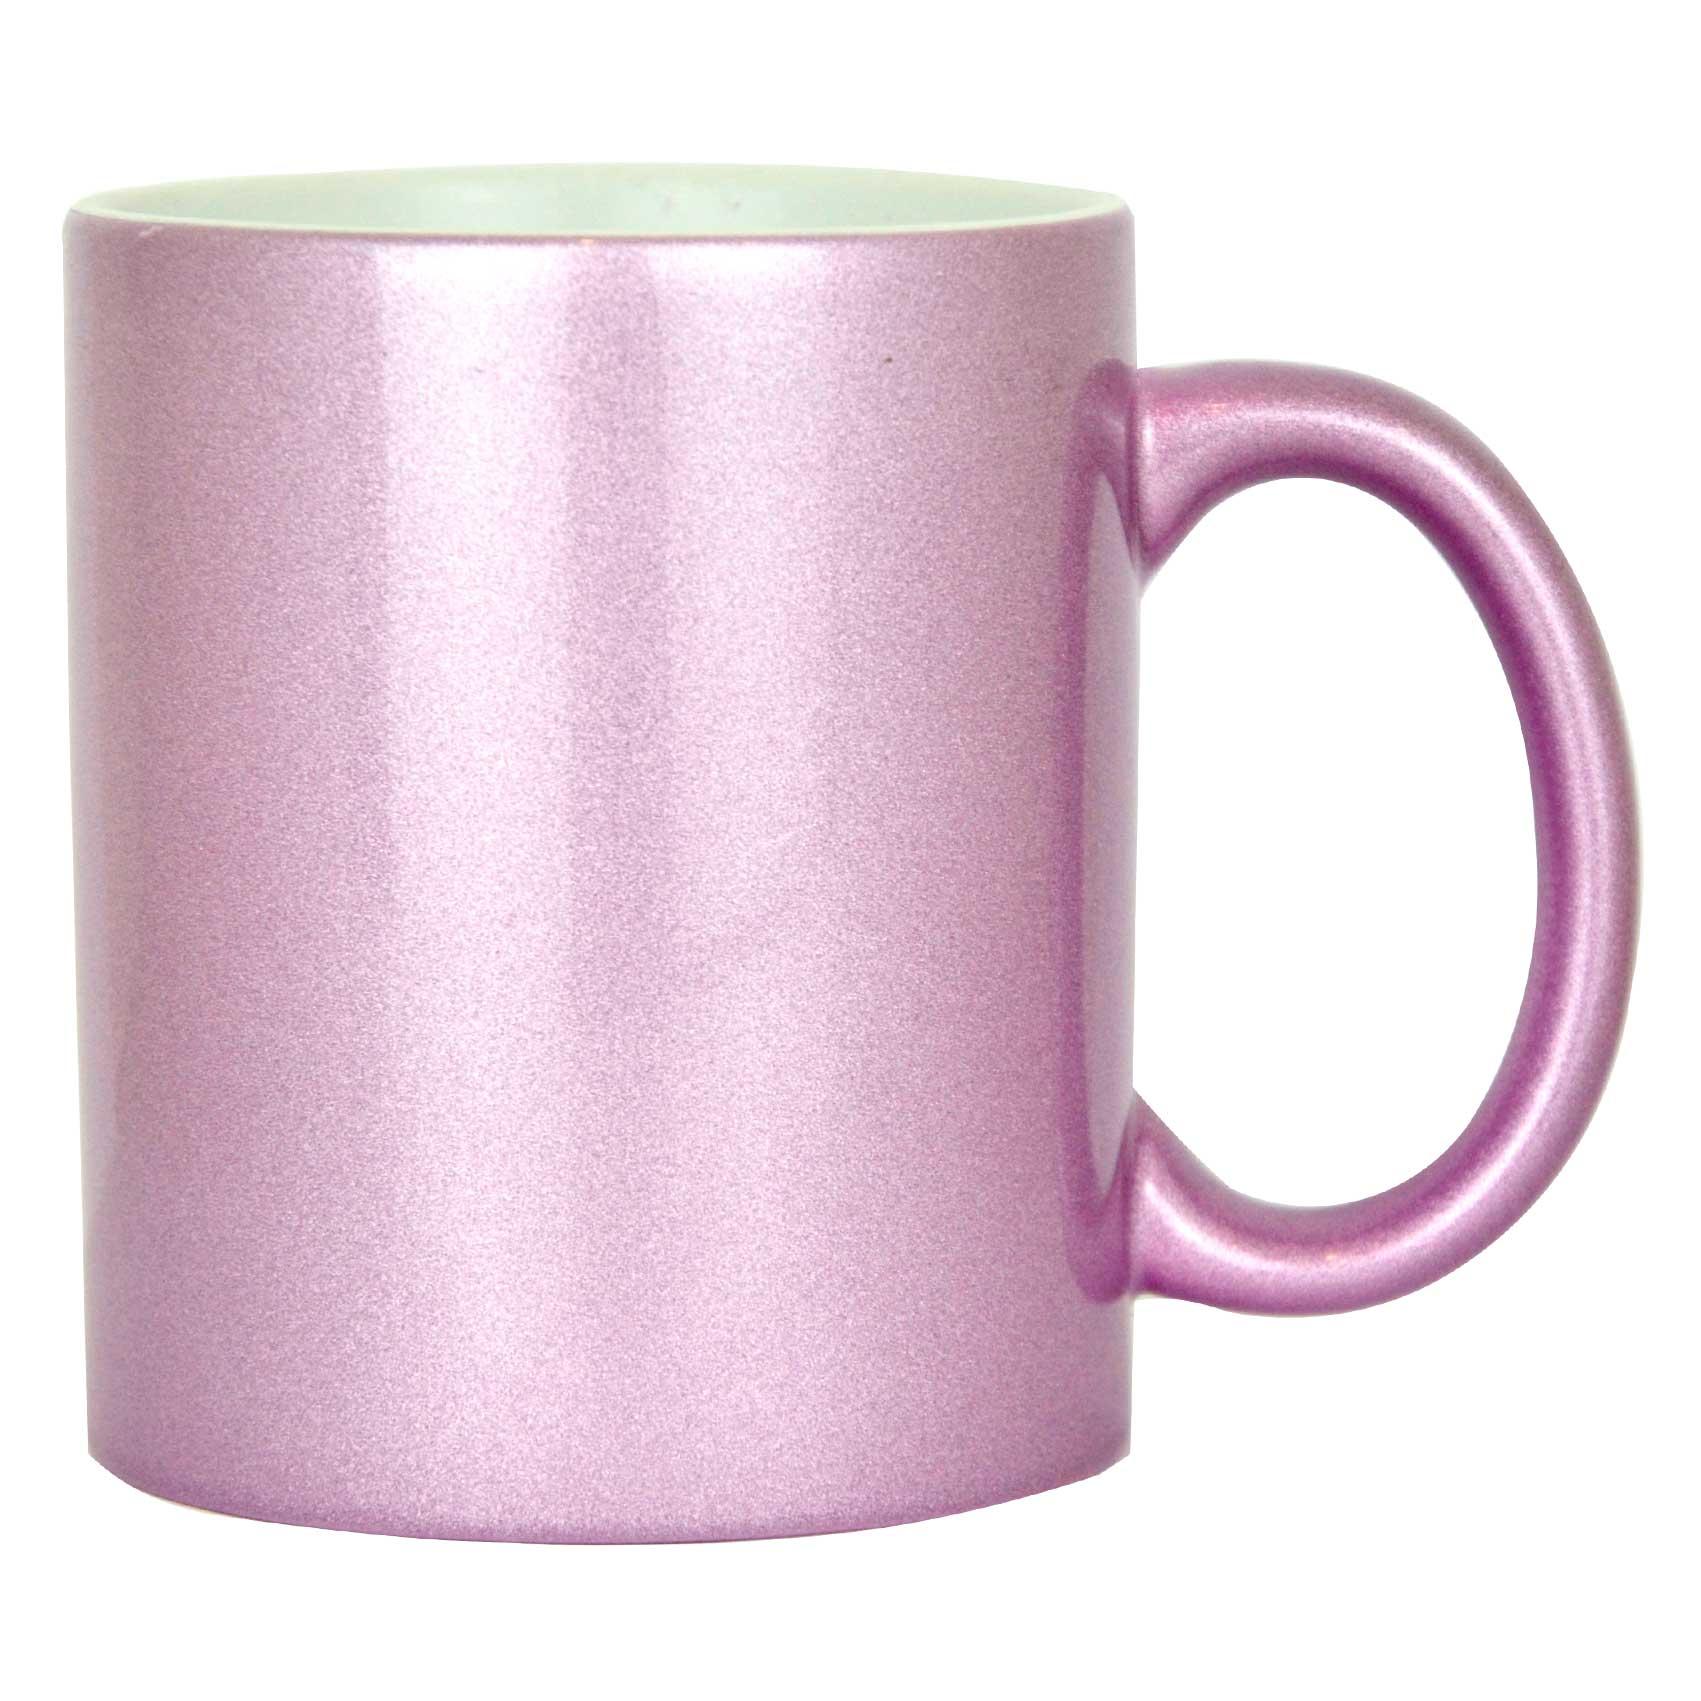 Caneca  Violeta Perolizada de Cerâmica - Classe A - Para Sublimação